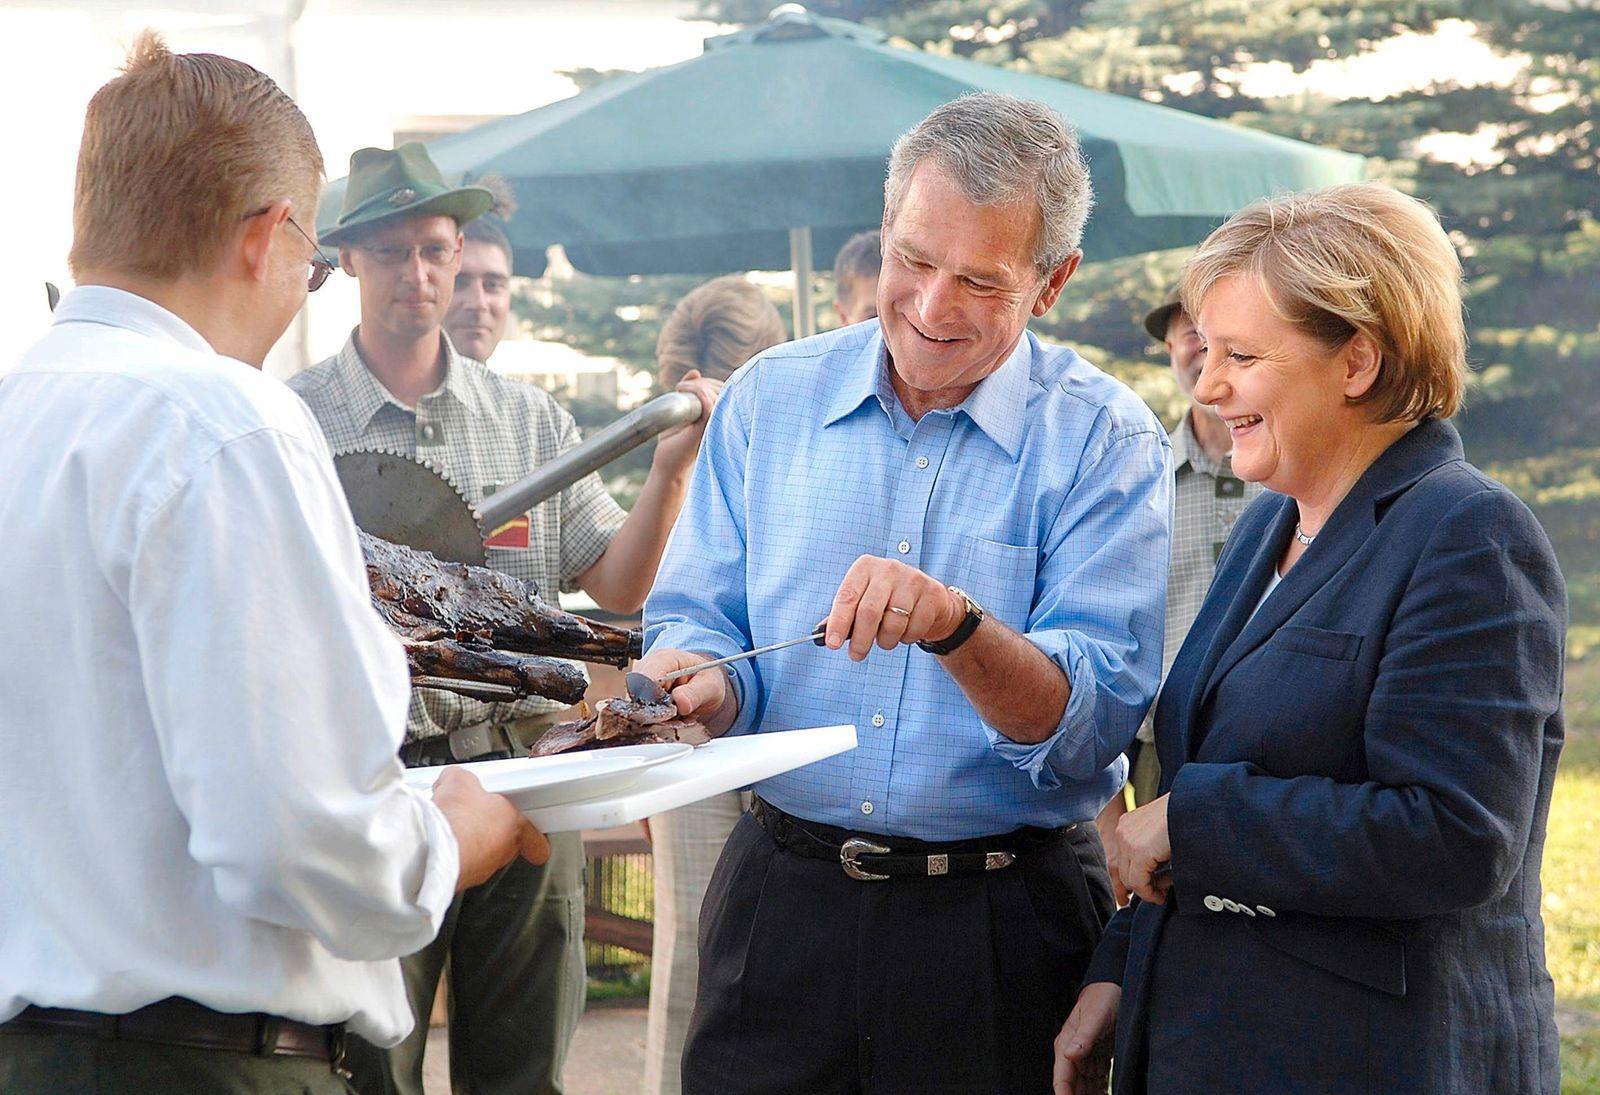 Angela Merkel - Politikerin, CDU, D, Bundeskanzlerin - with George W. Bush, Praesident USA beim Grillfest in Trinwillershagen, Mecklenburg-Vorpommern